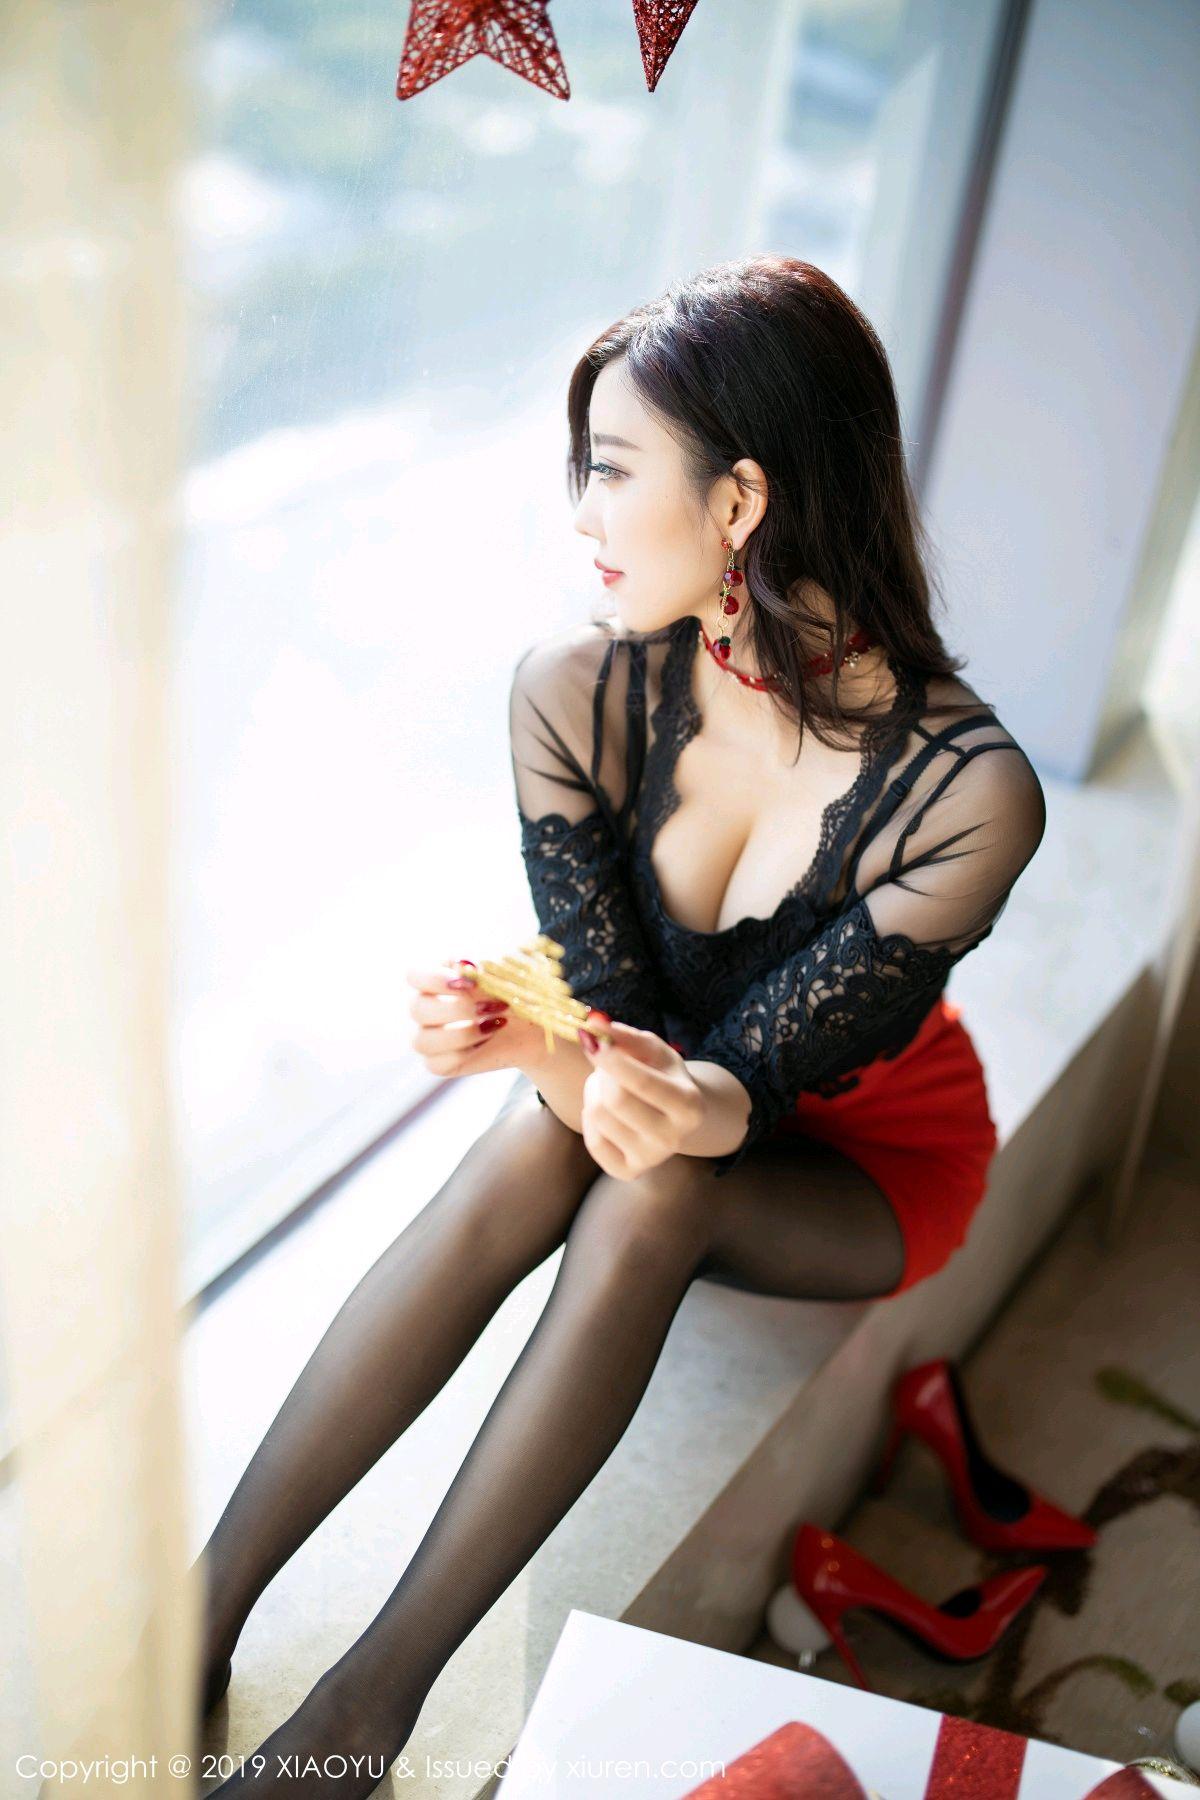 [XiaoYu] Vol.225 Yang Chen Chen 12P, Christmas, Underwear, XiaoYu, Yang Chen Chen